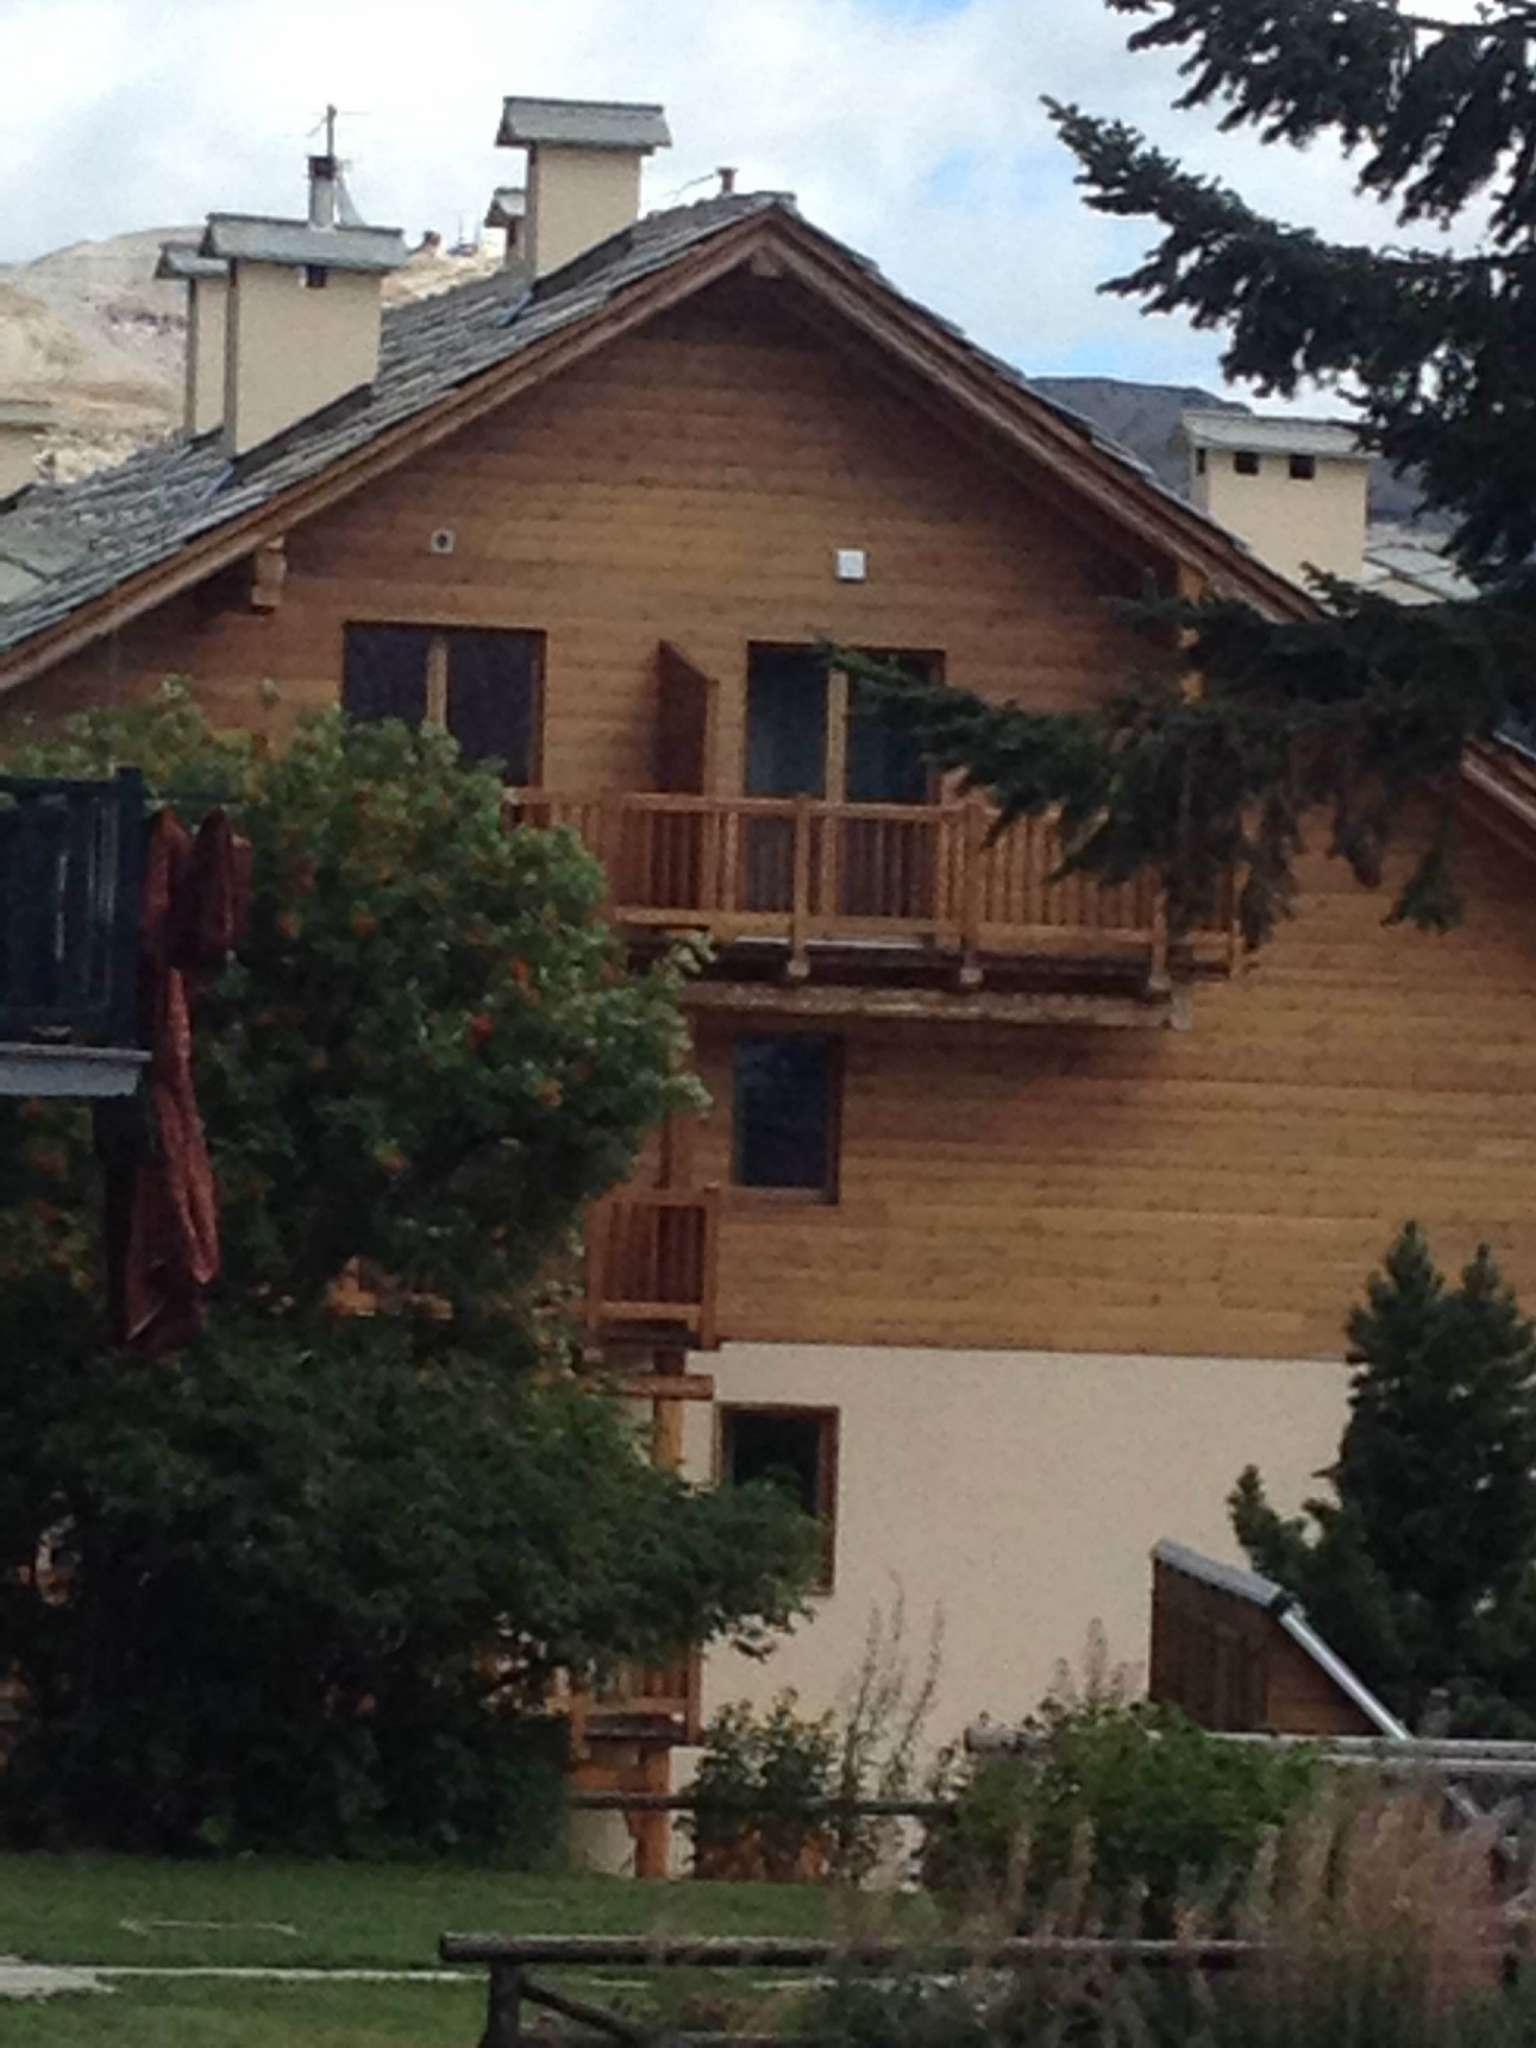 Palazzo / Stabile in vendita a Claviere, 2 locali, prezzo € 225.000 | Cambio Casa.it